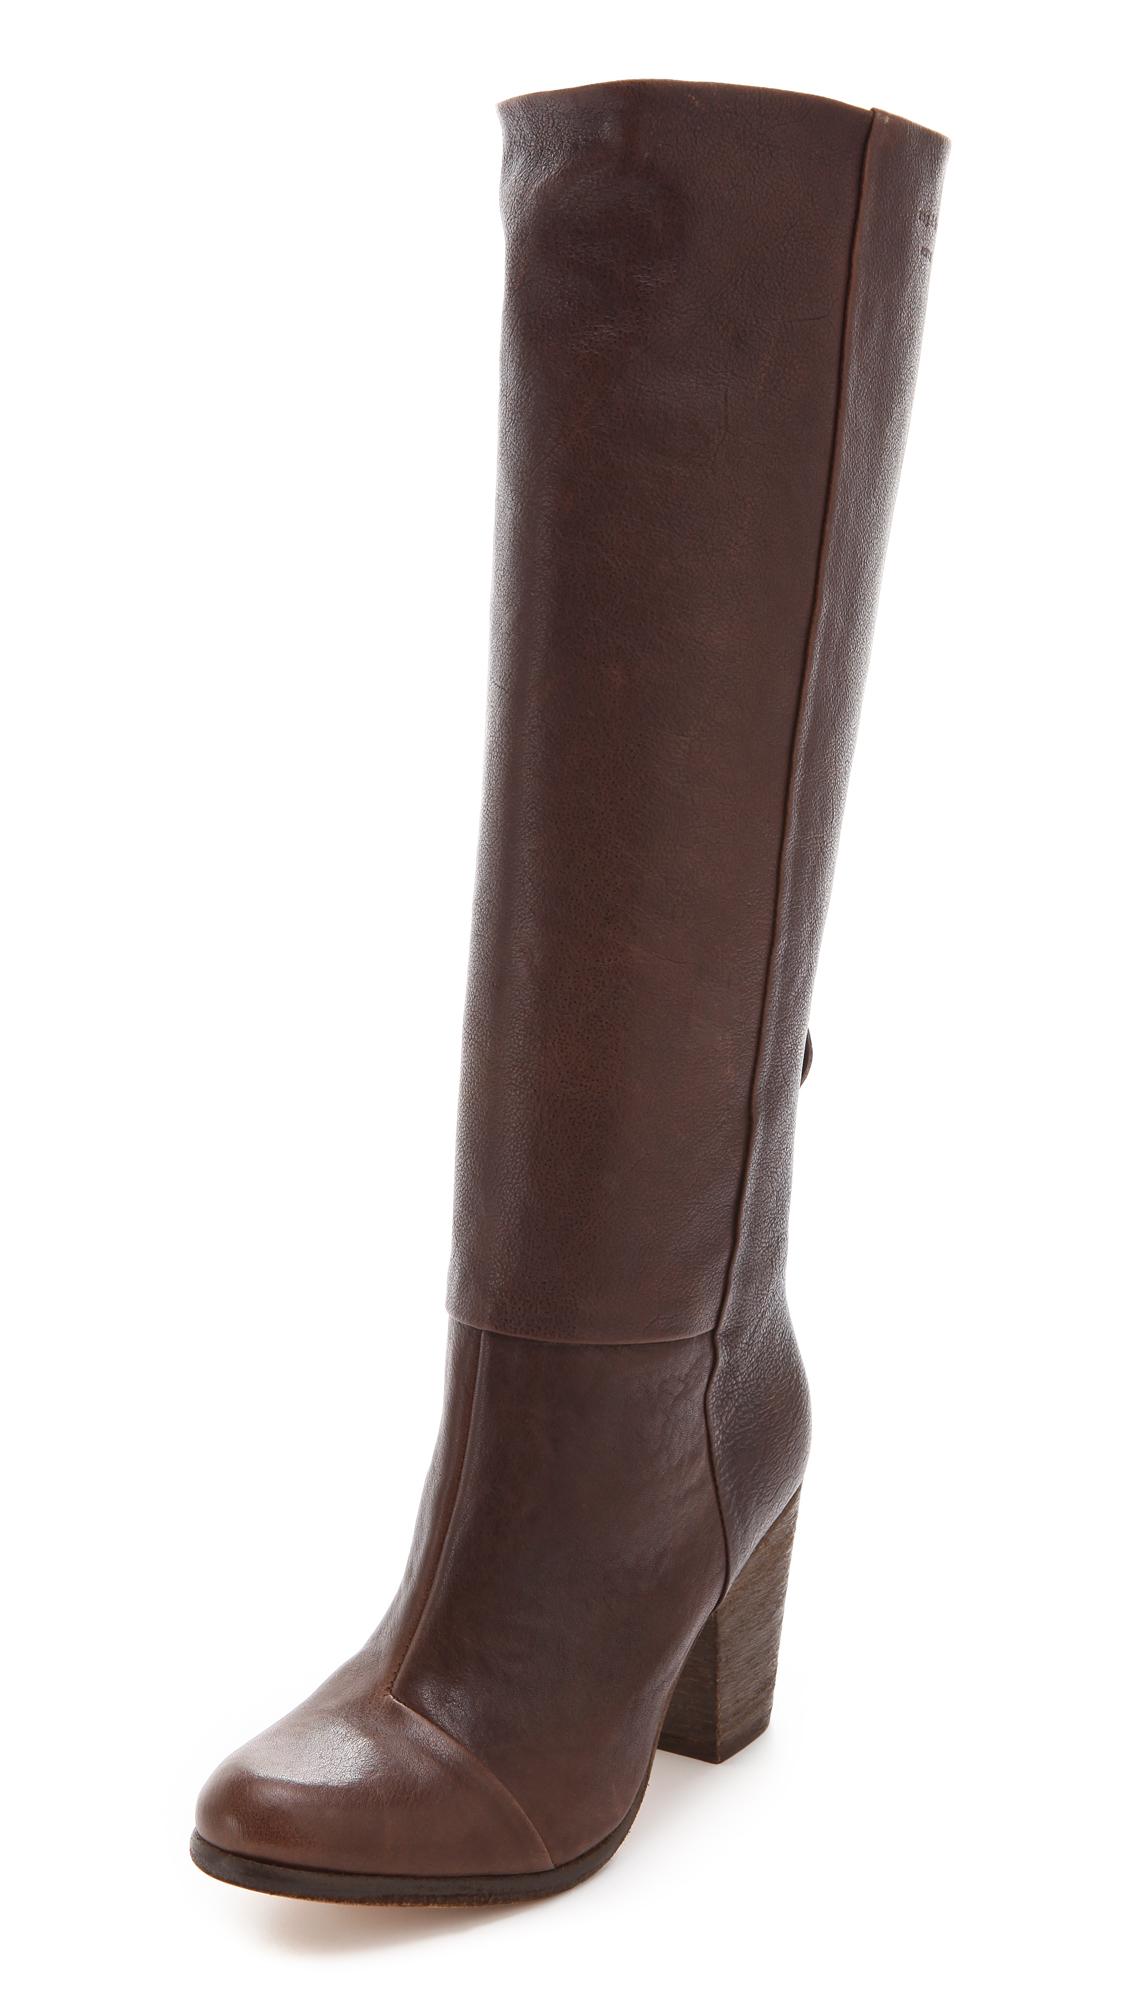 rag bone knee high newbury boots in brown brown